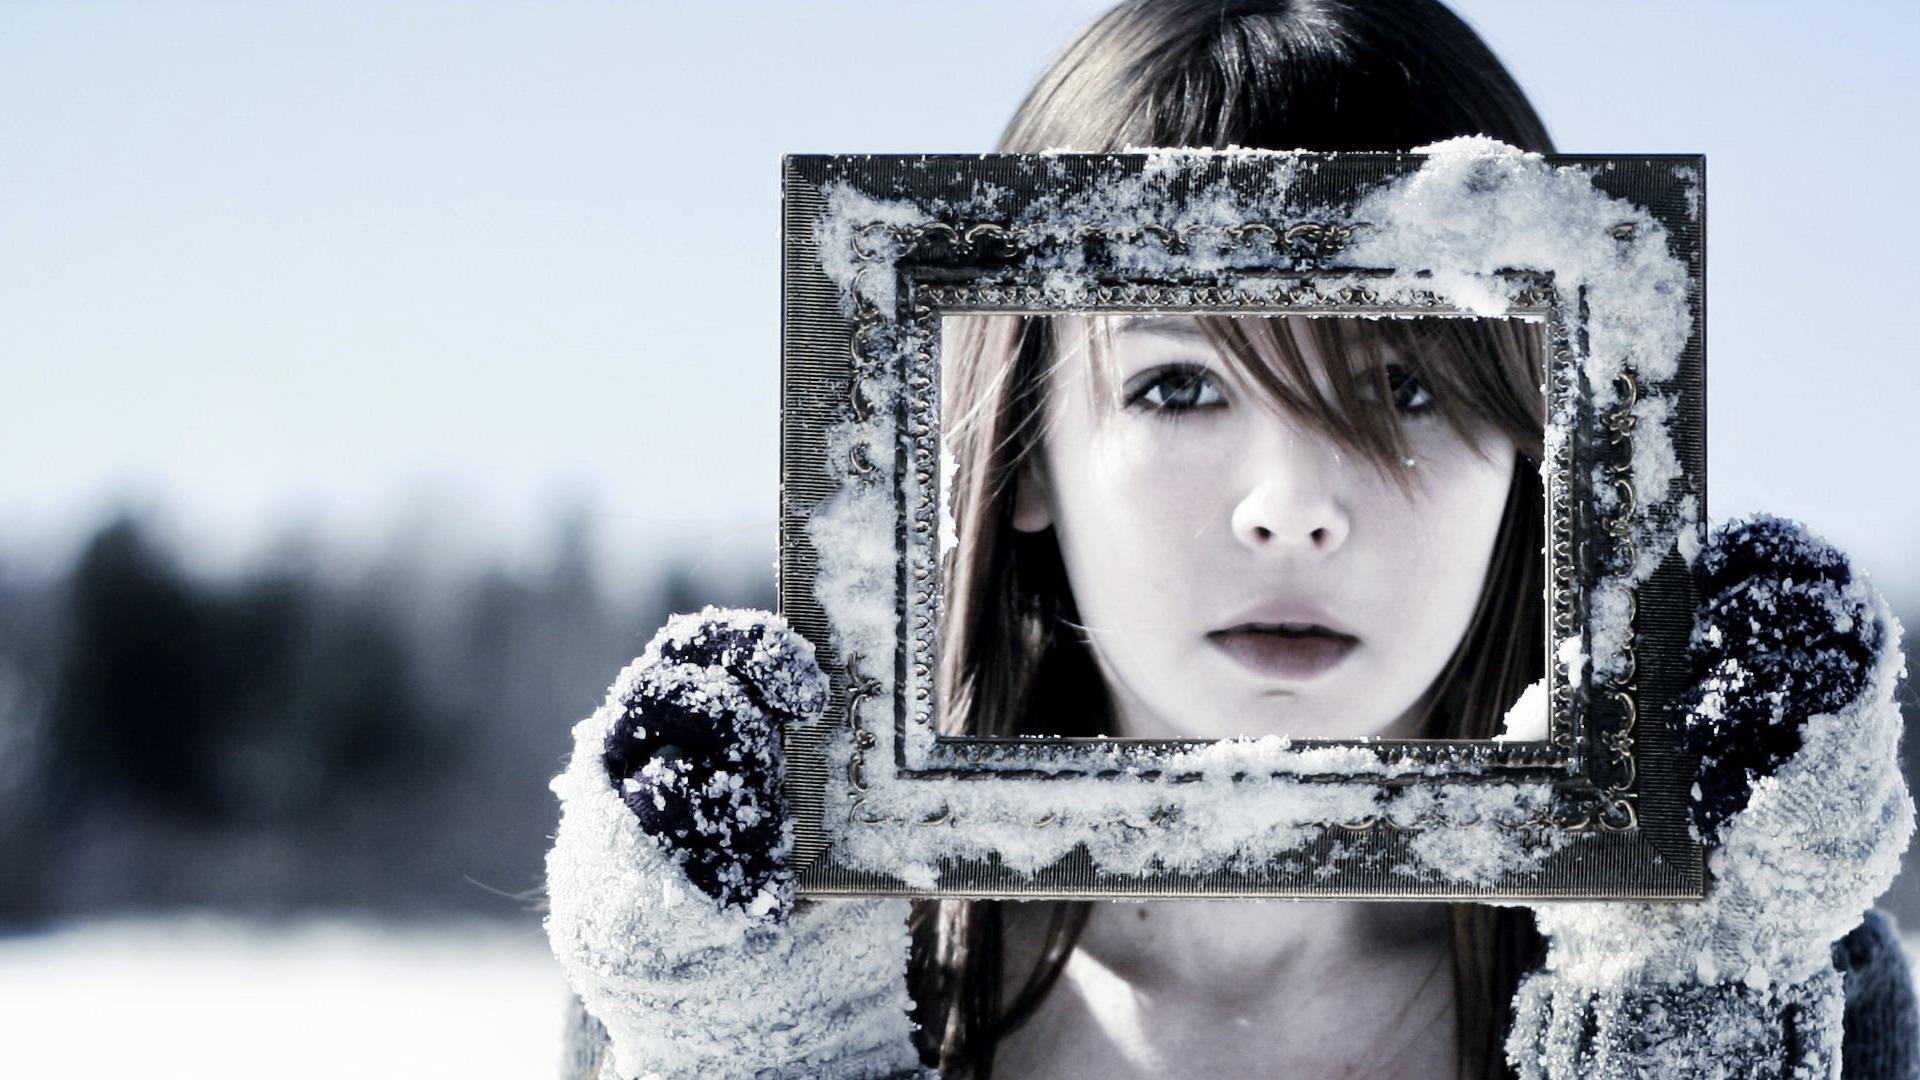 Fondos de pantalla : mujer, monocromo, nieve, invierno, fotografía ...